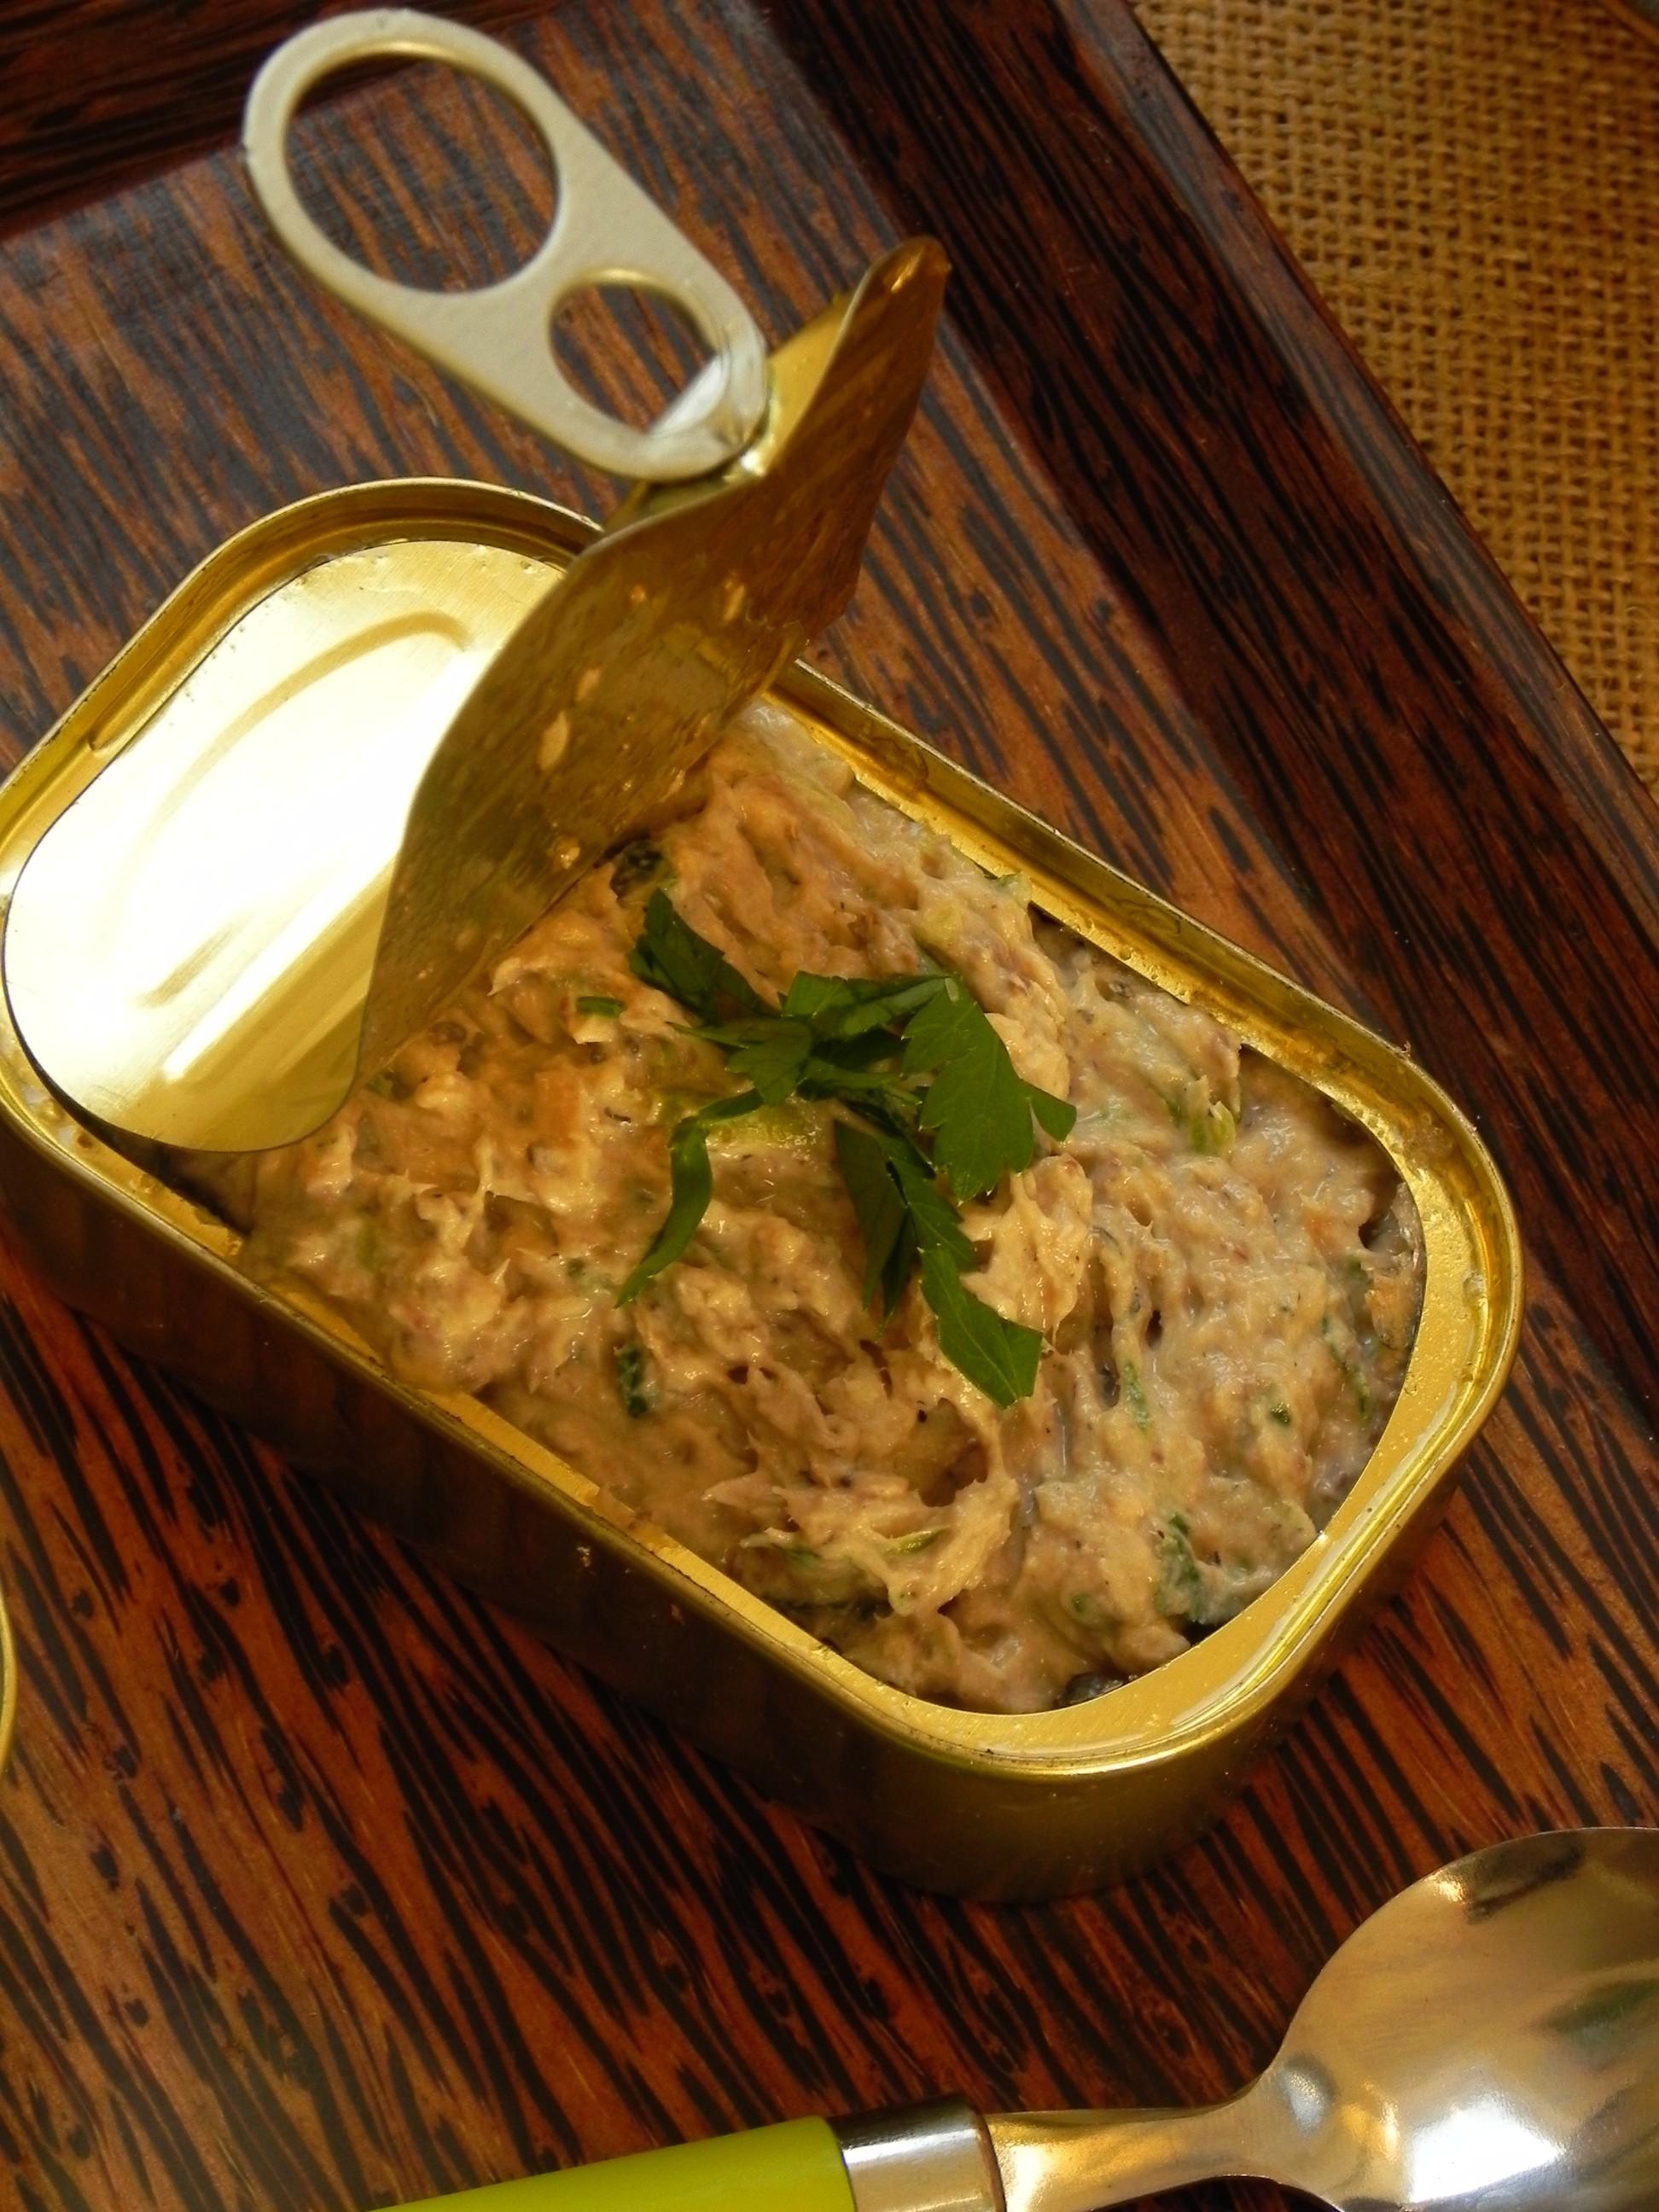 Rillettes De Sardines Moutarde : rillettes, sardines, moutarde, Rillettes, Sardines, Plume, Cuisine